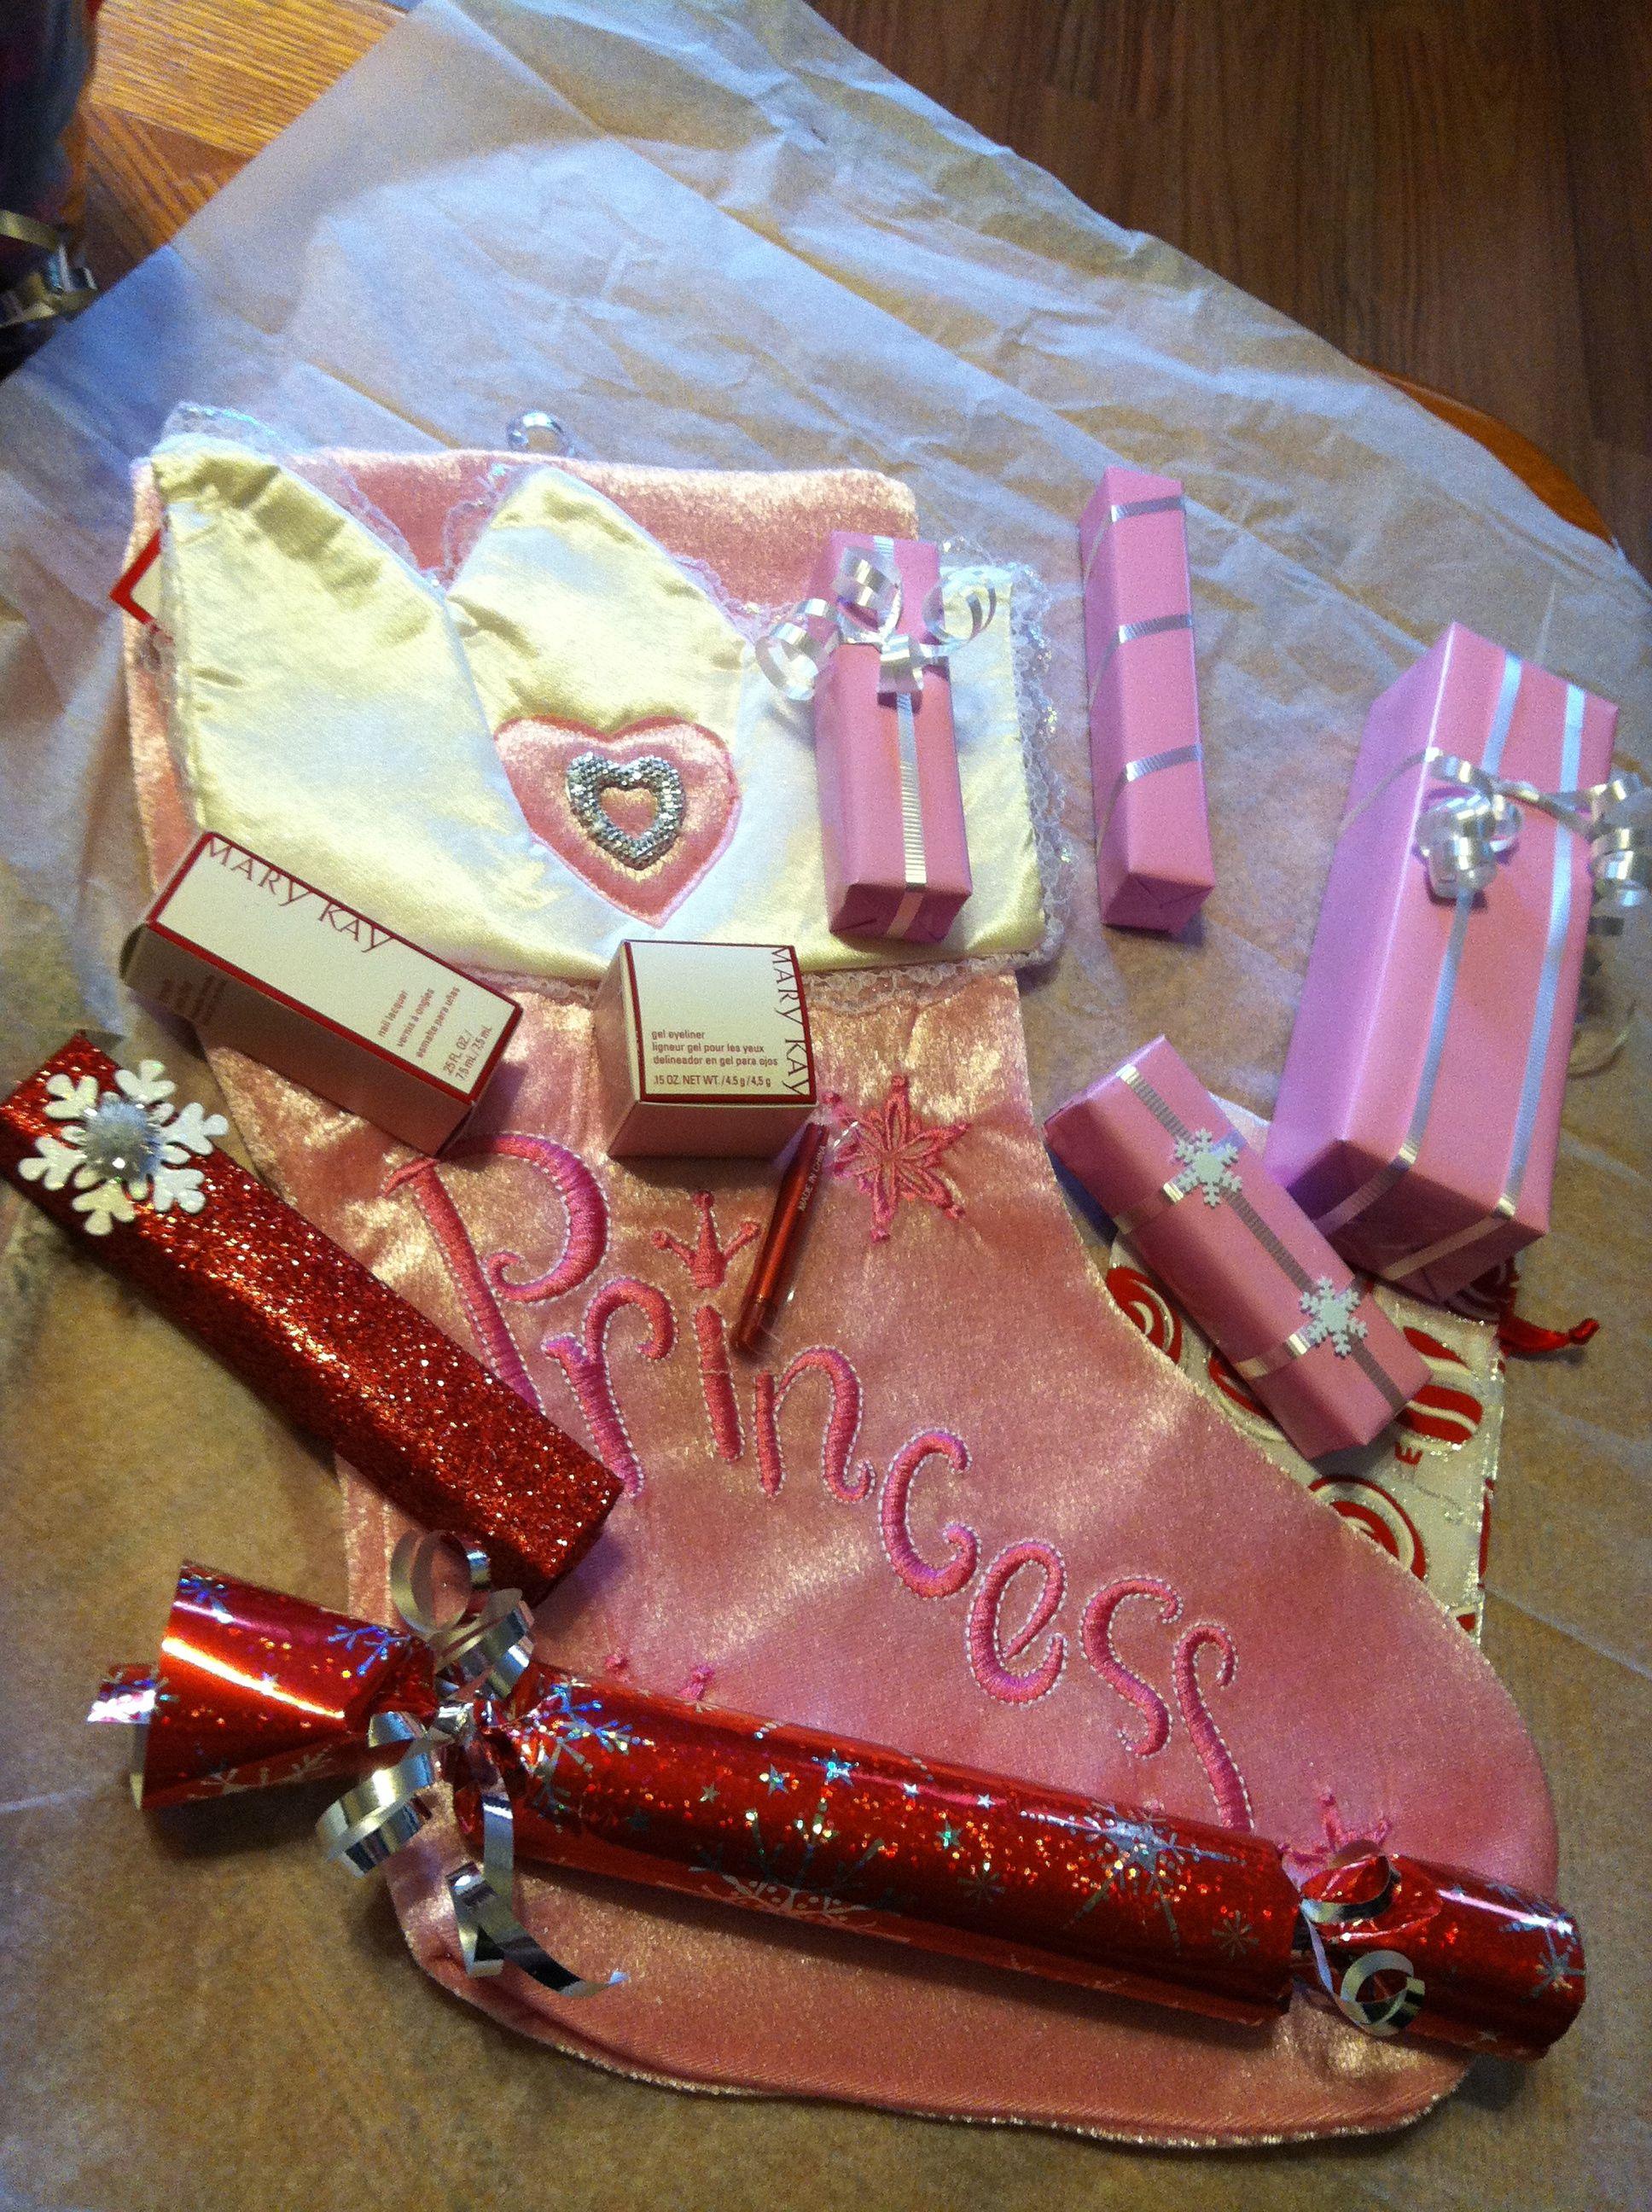 Stocking stuffers from Mary Kay Mary kay gifts, Mary kay